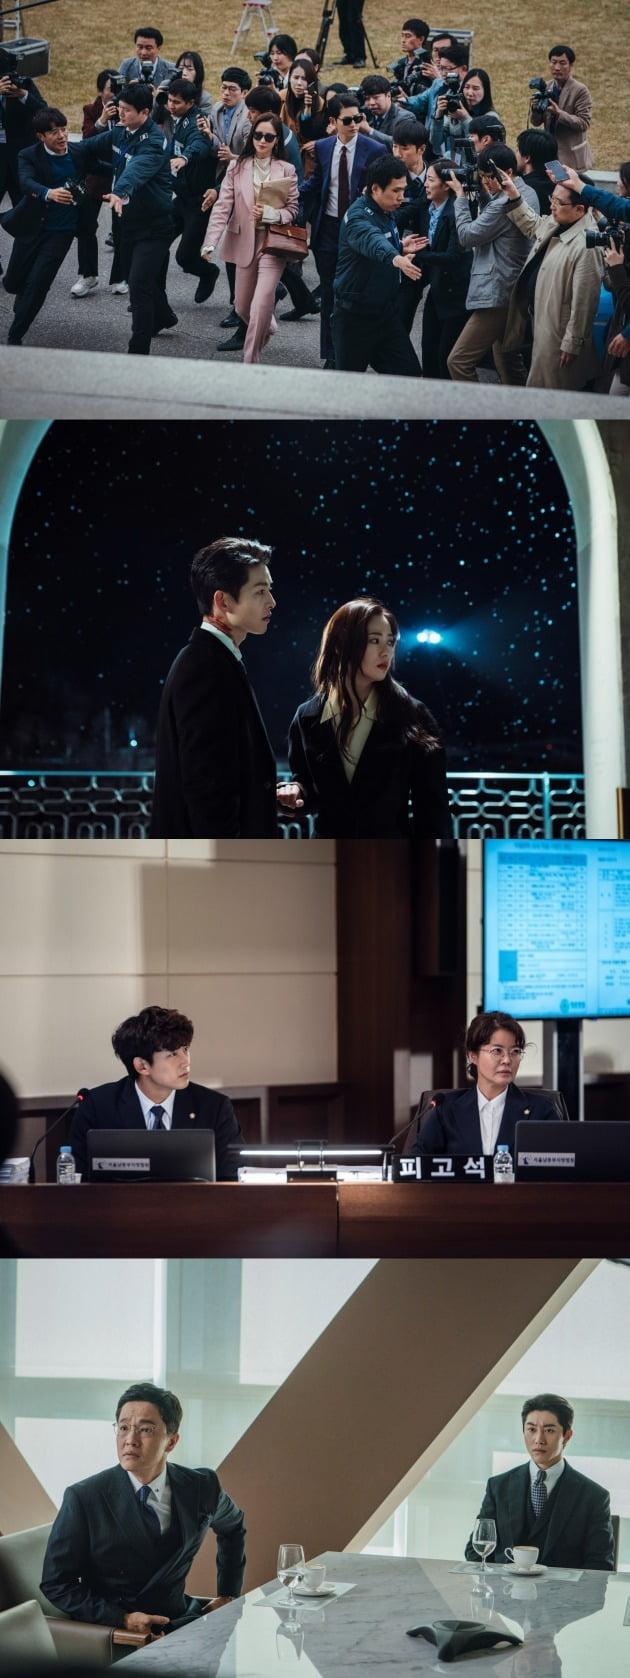 '빈센조'가 11회를 기점으로 2막에 돌입한다. / 사진제공=tvN